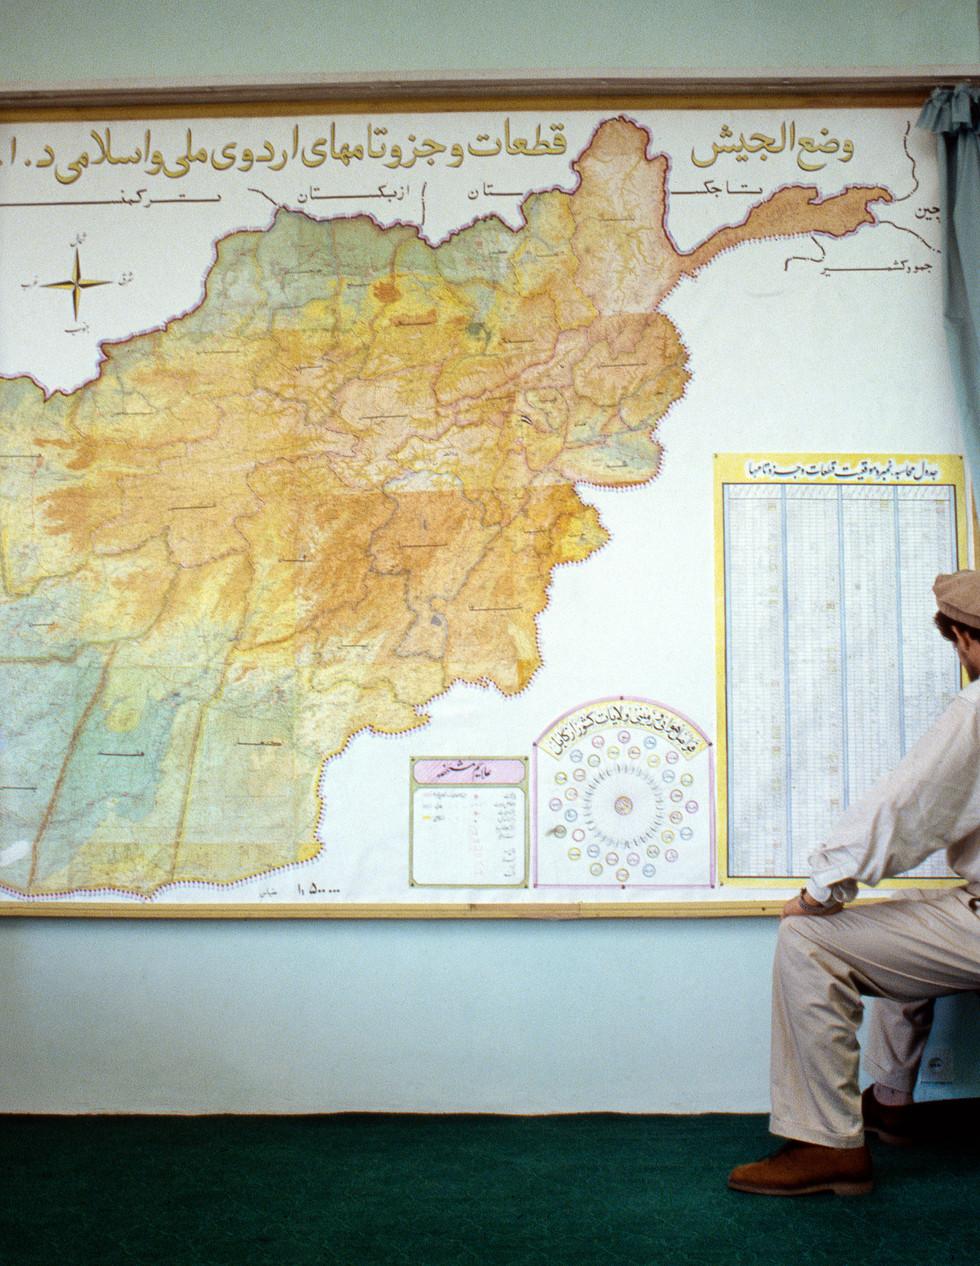 Massoud_Map_1995_FINAL_Book.jpg